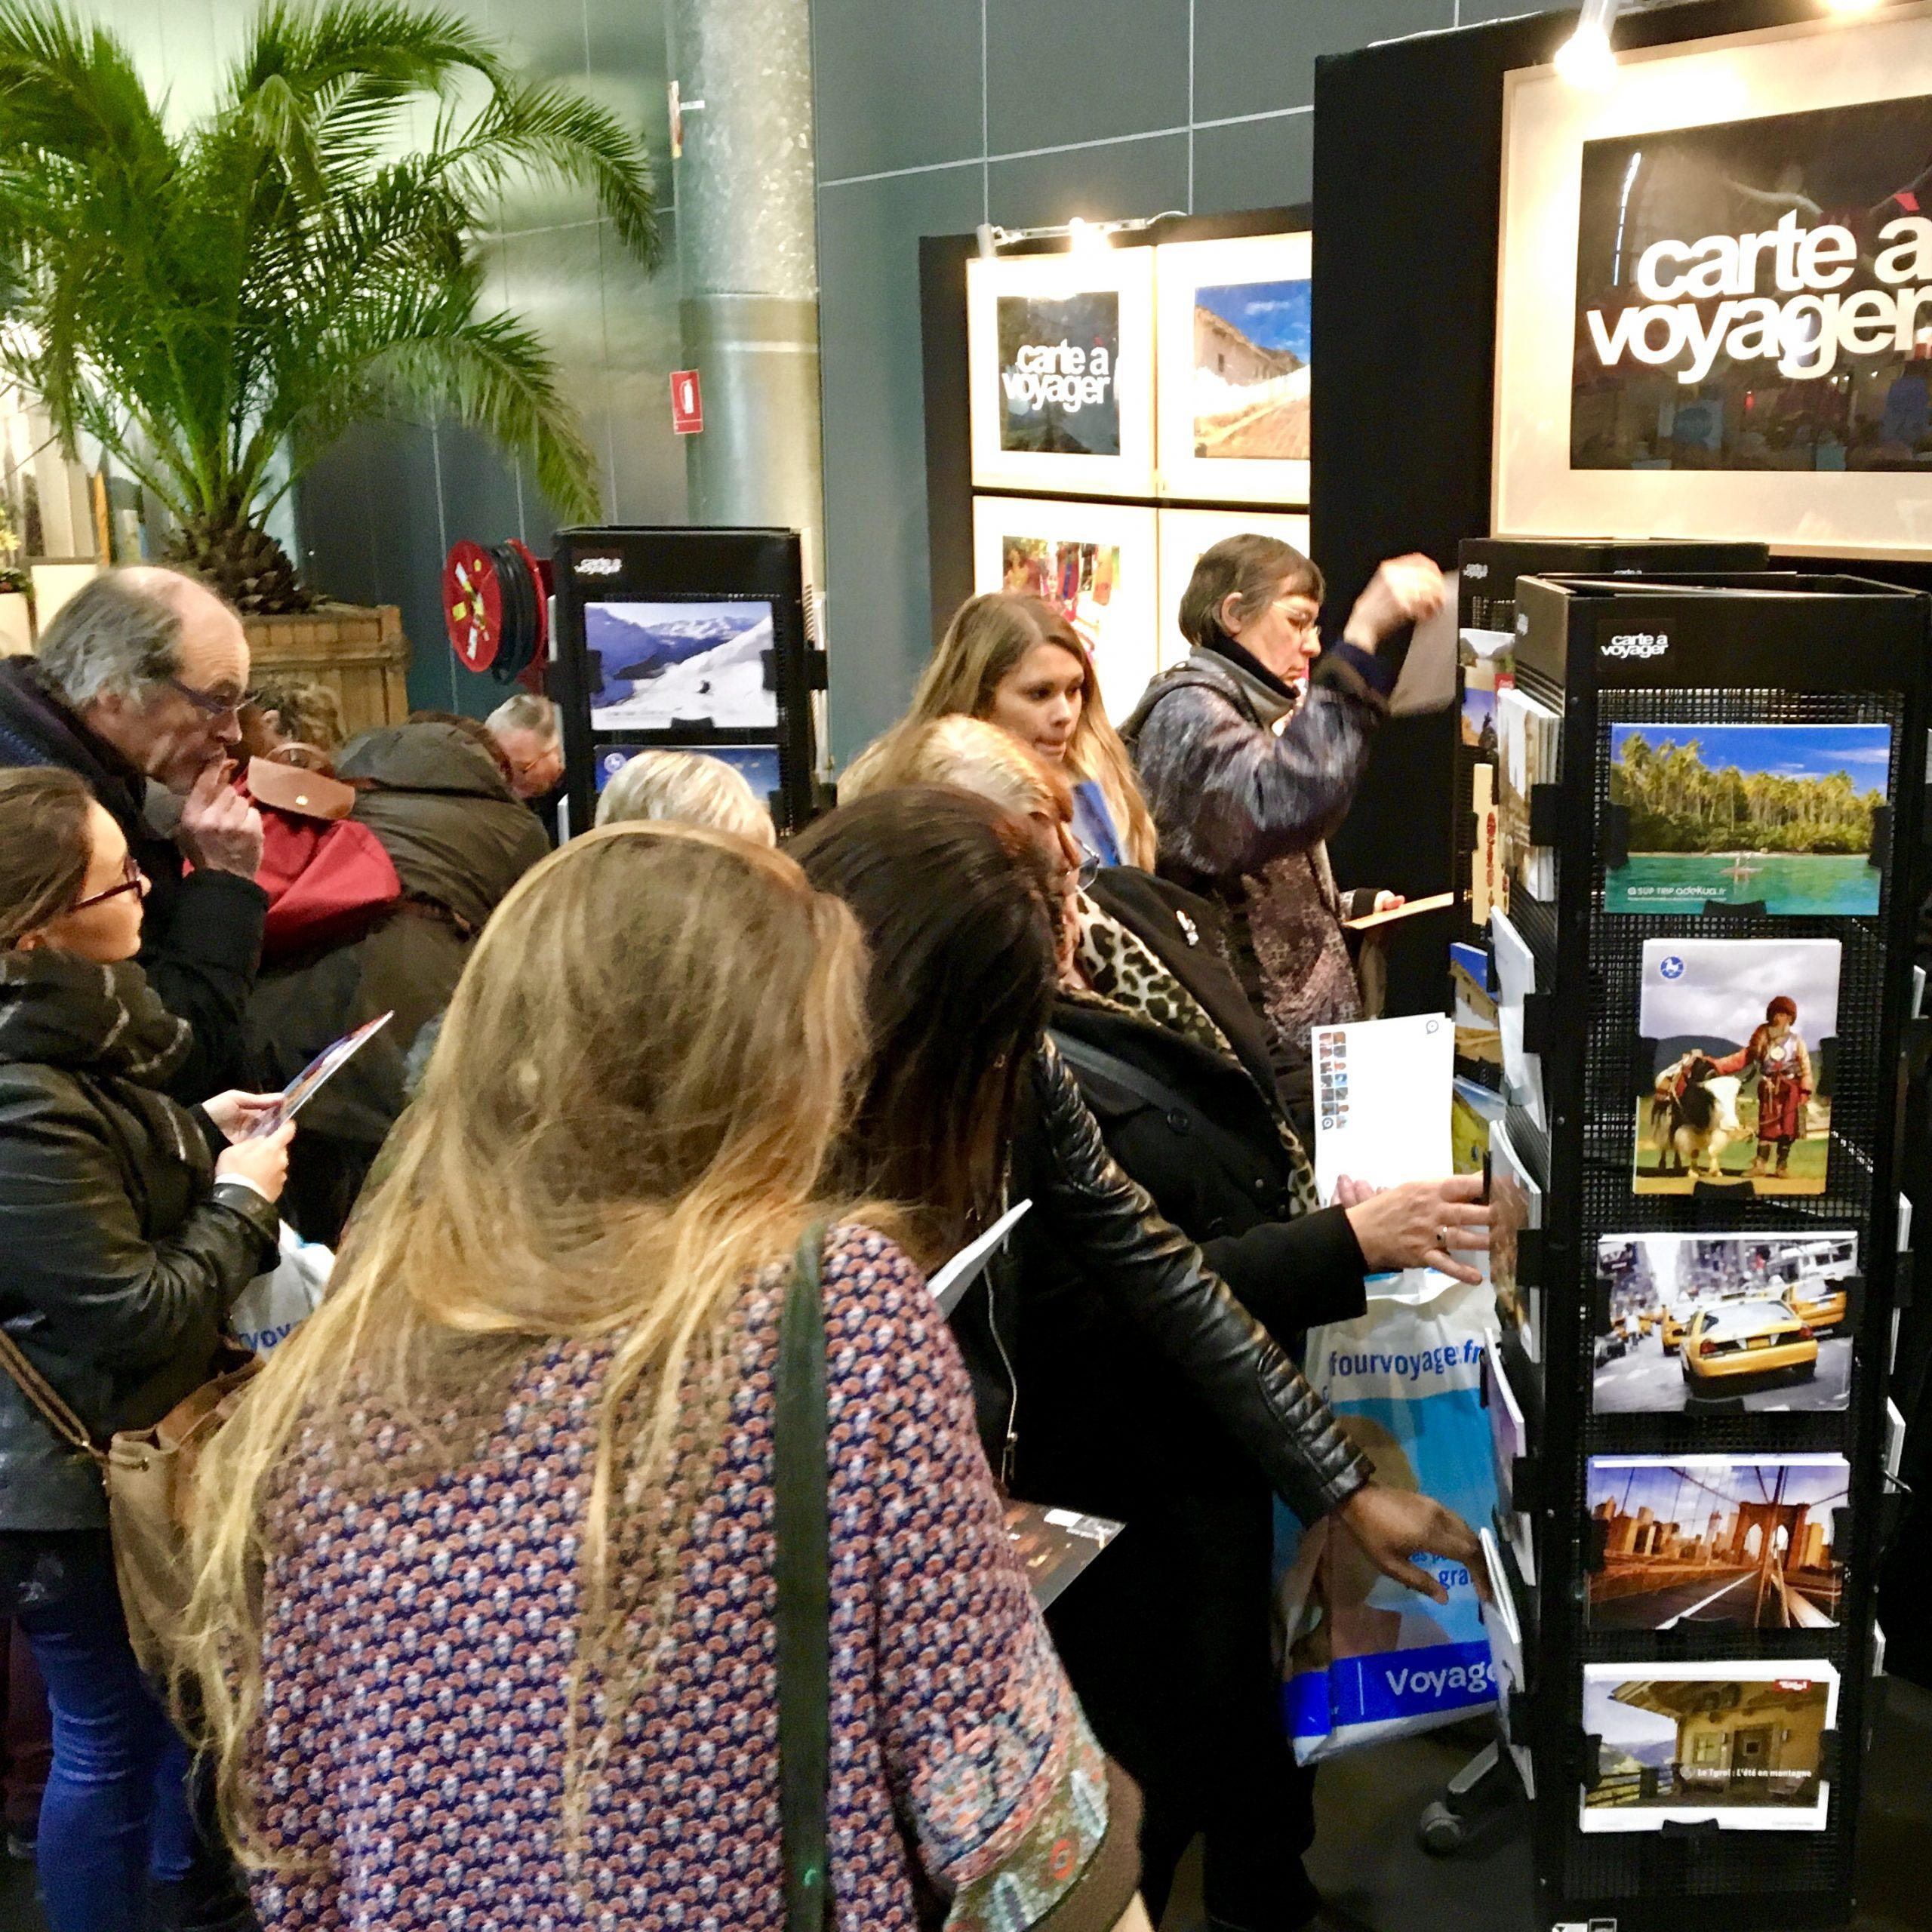 c-17-Carte-a-Voyager-cartes-postales-gratuites-offertes-visiteurs-salons-tourisme-mahana-tourissima-lille-lyon-paris-salon-mondial-du-tourisme-servez-vous